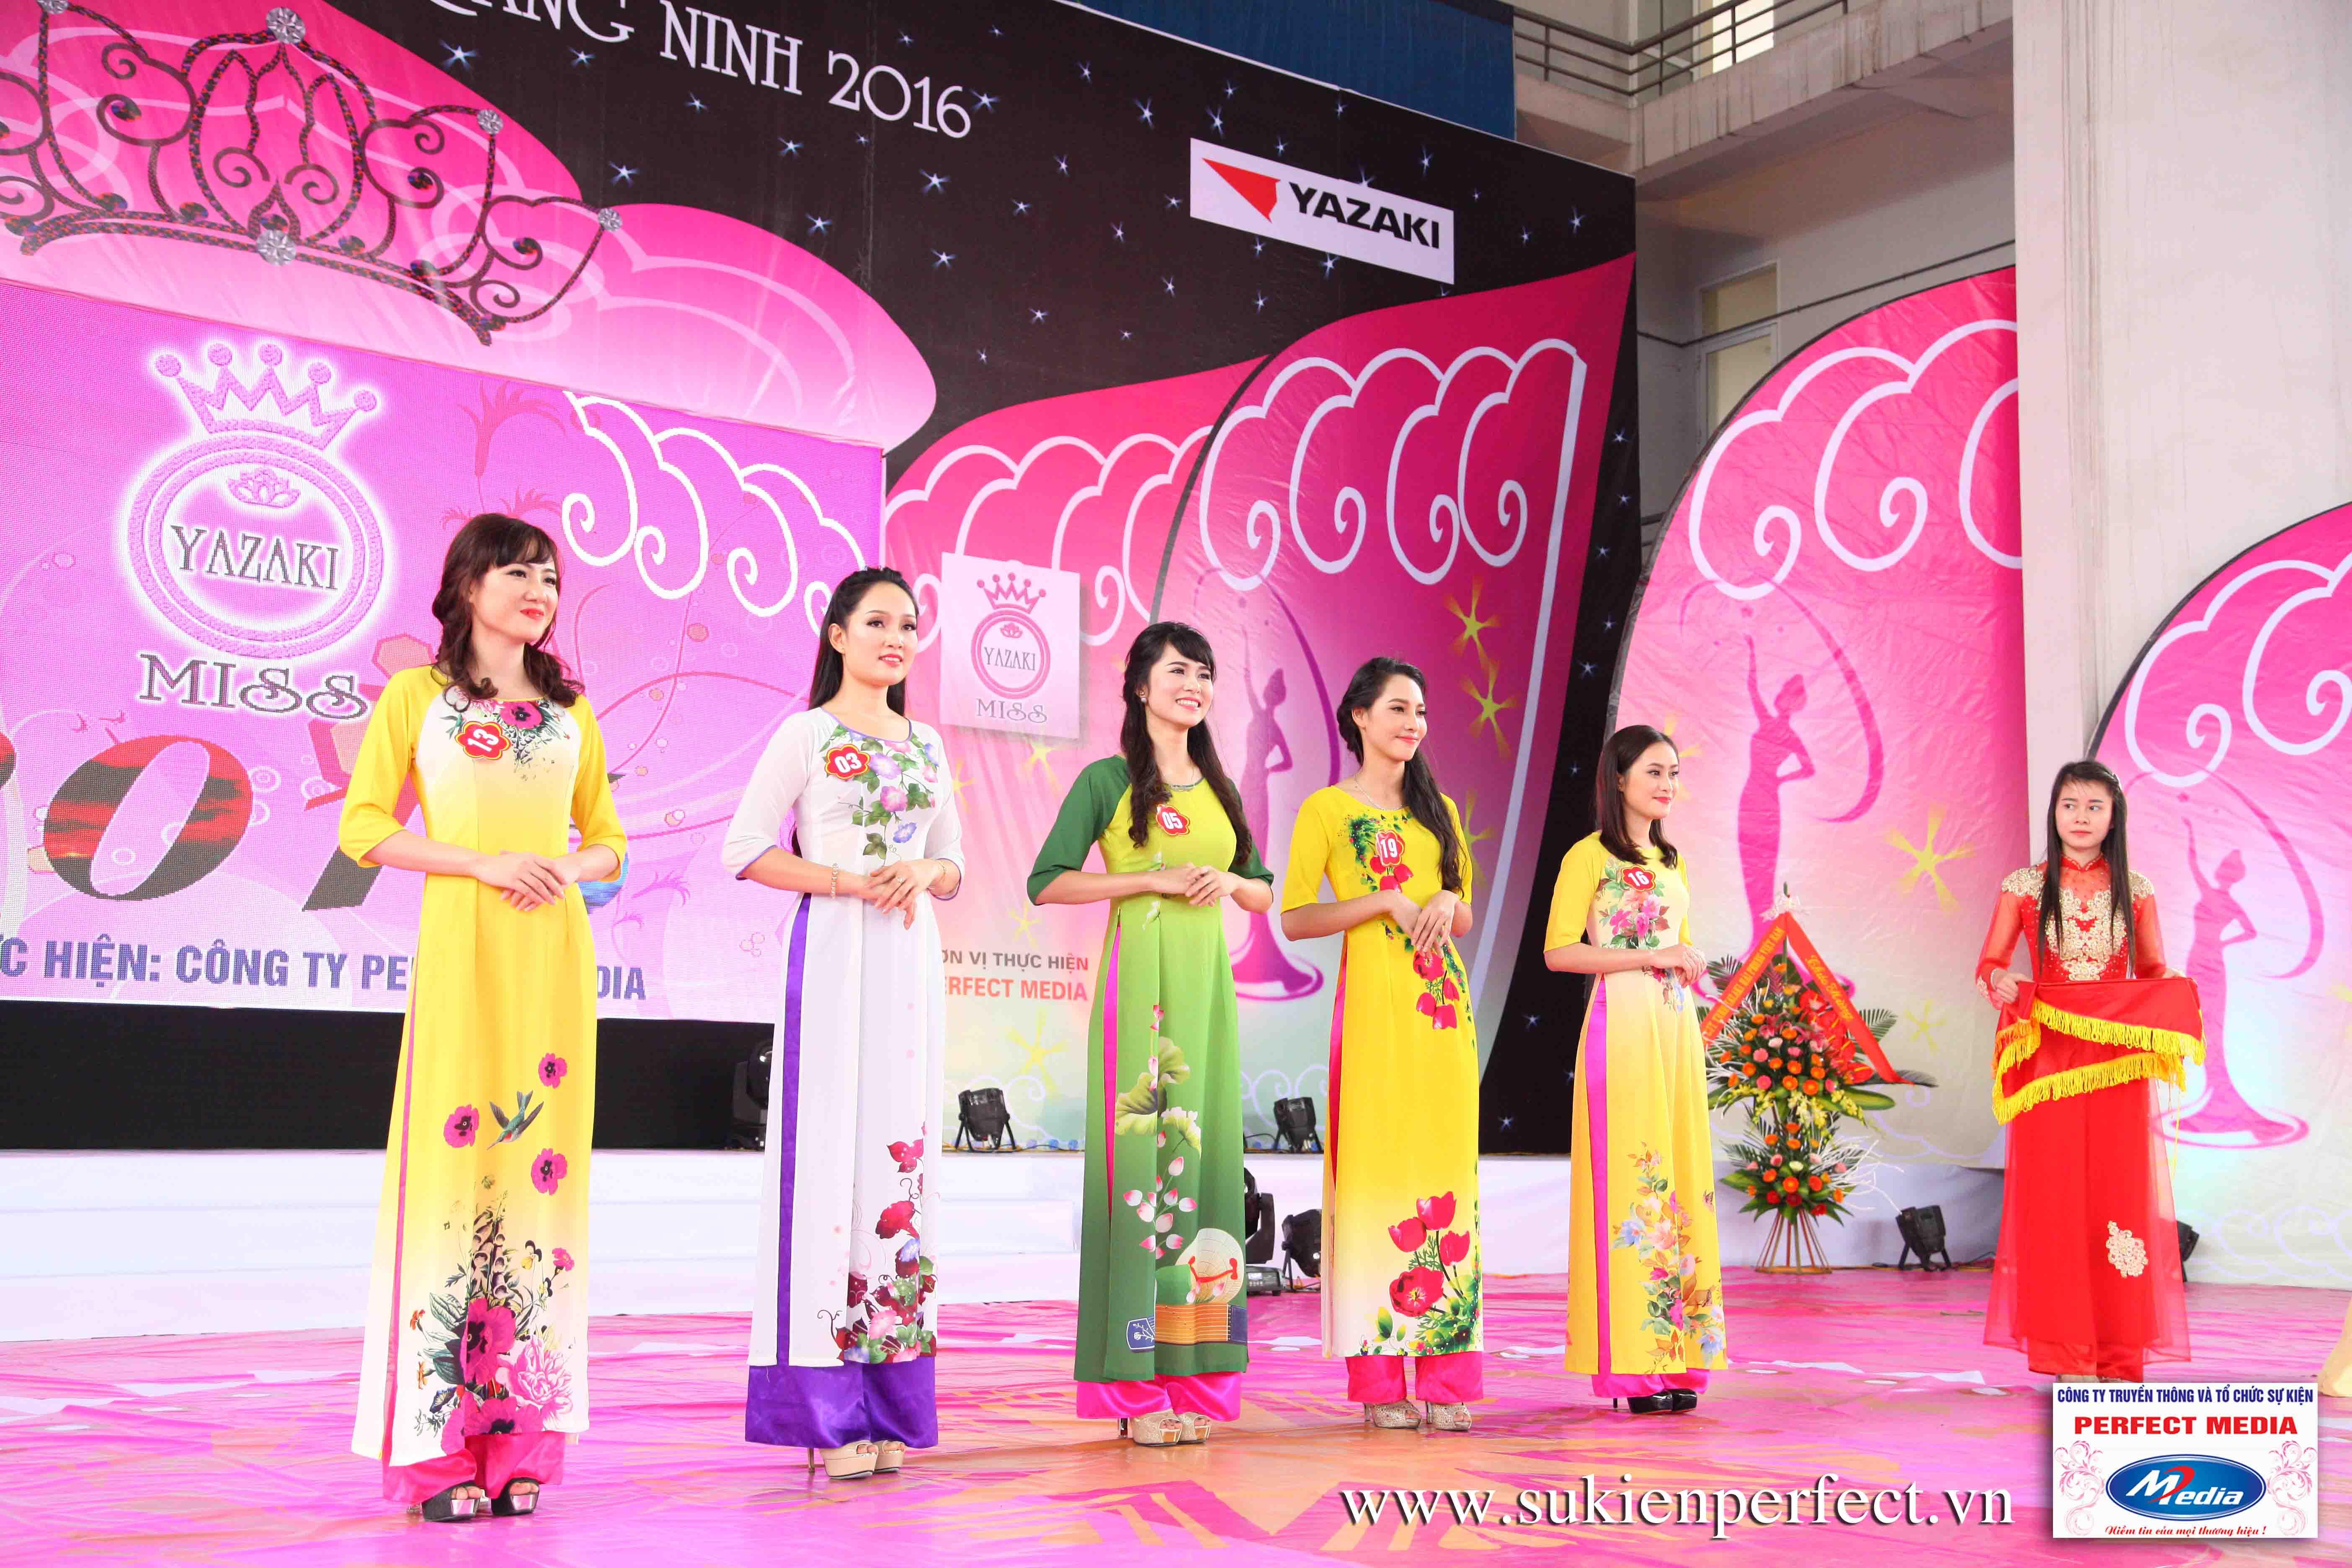 Hình ảnh các người đẹp trong sự kiện Người đẹp Yazaki Quảng Ninh 2016 (Màn đăng quang) - 06